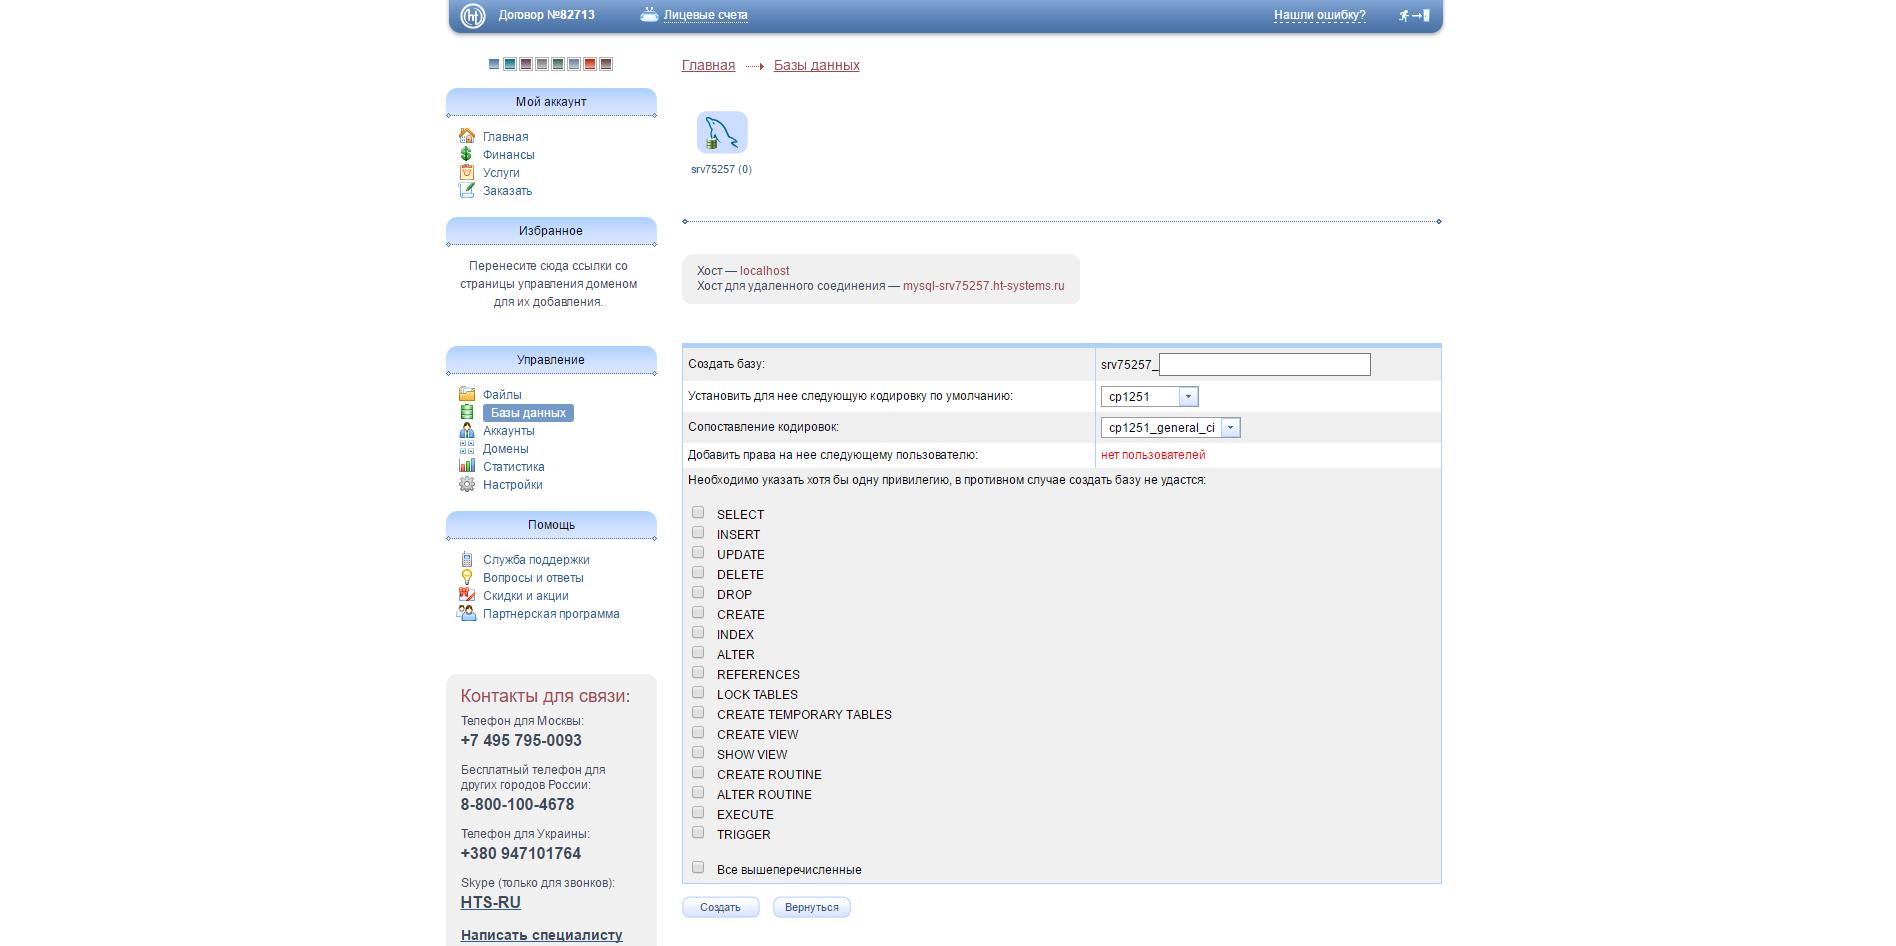 Хостинговые телесистемы wordpress создание сайтов скачать книгу pdf